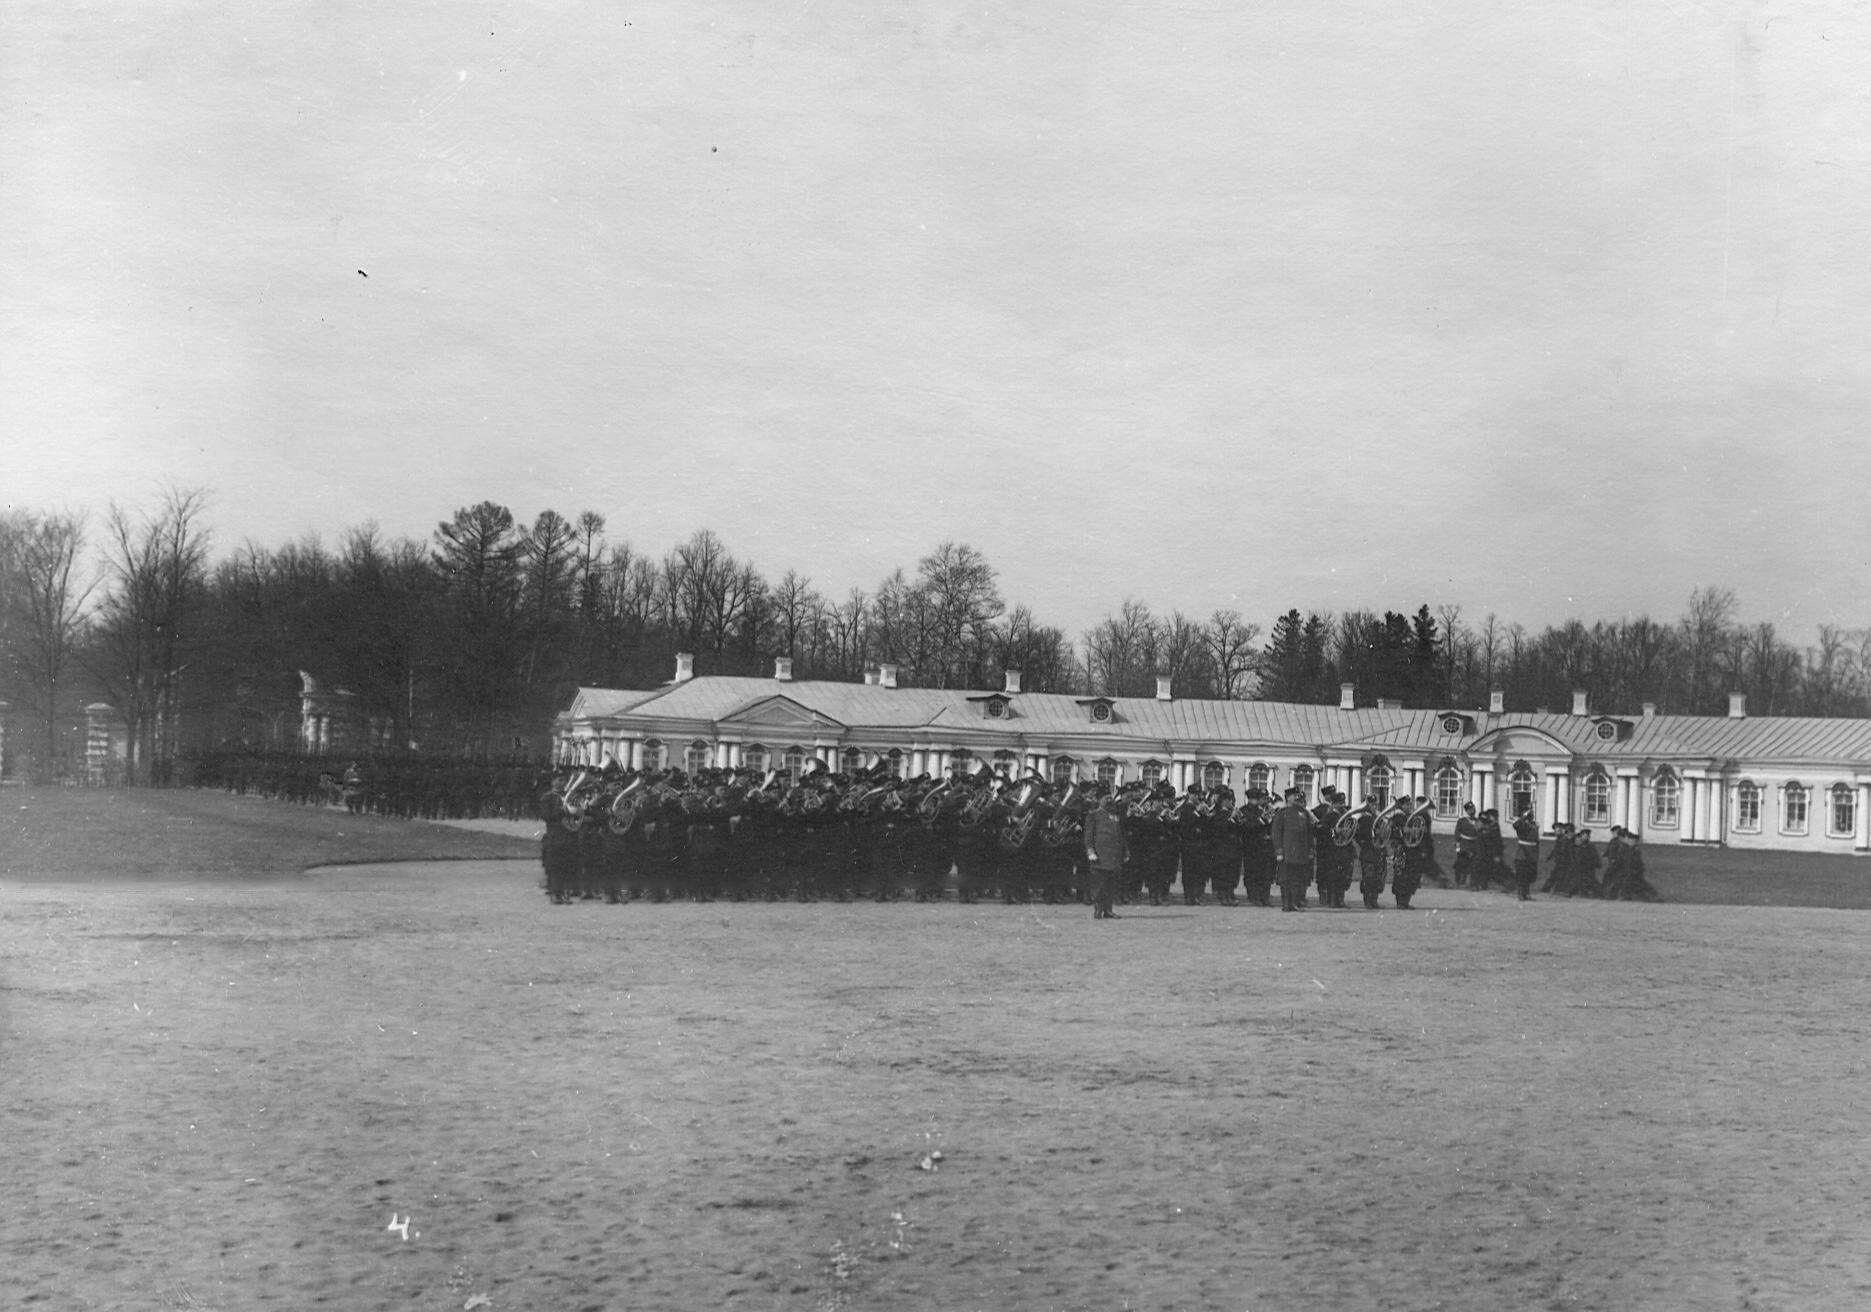 Сводный оркестр гвардии 2-го стрелкового Царскосельского батальона на параде. 7 апреля 1903